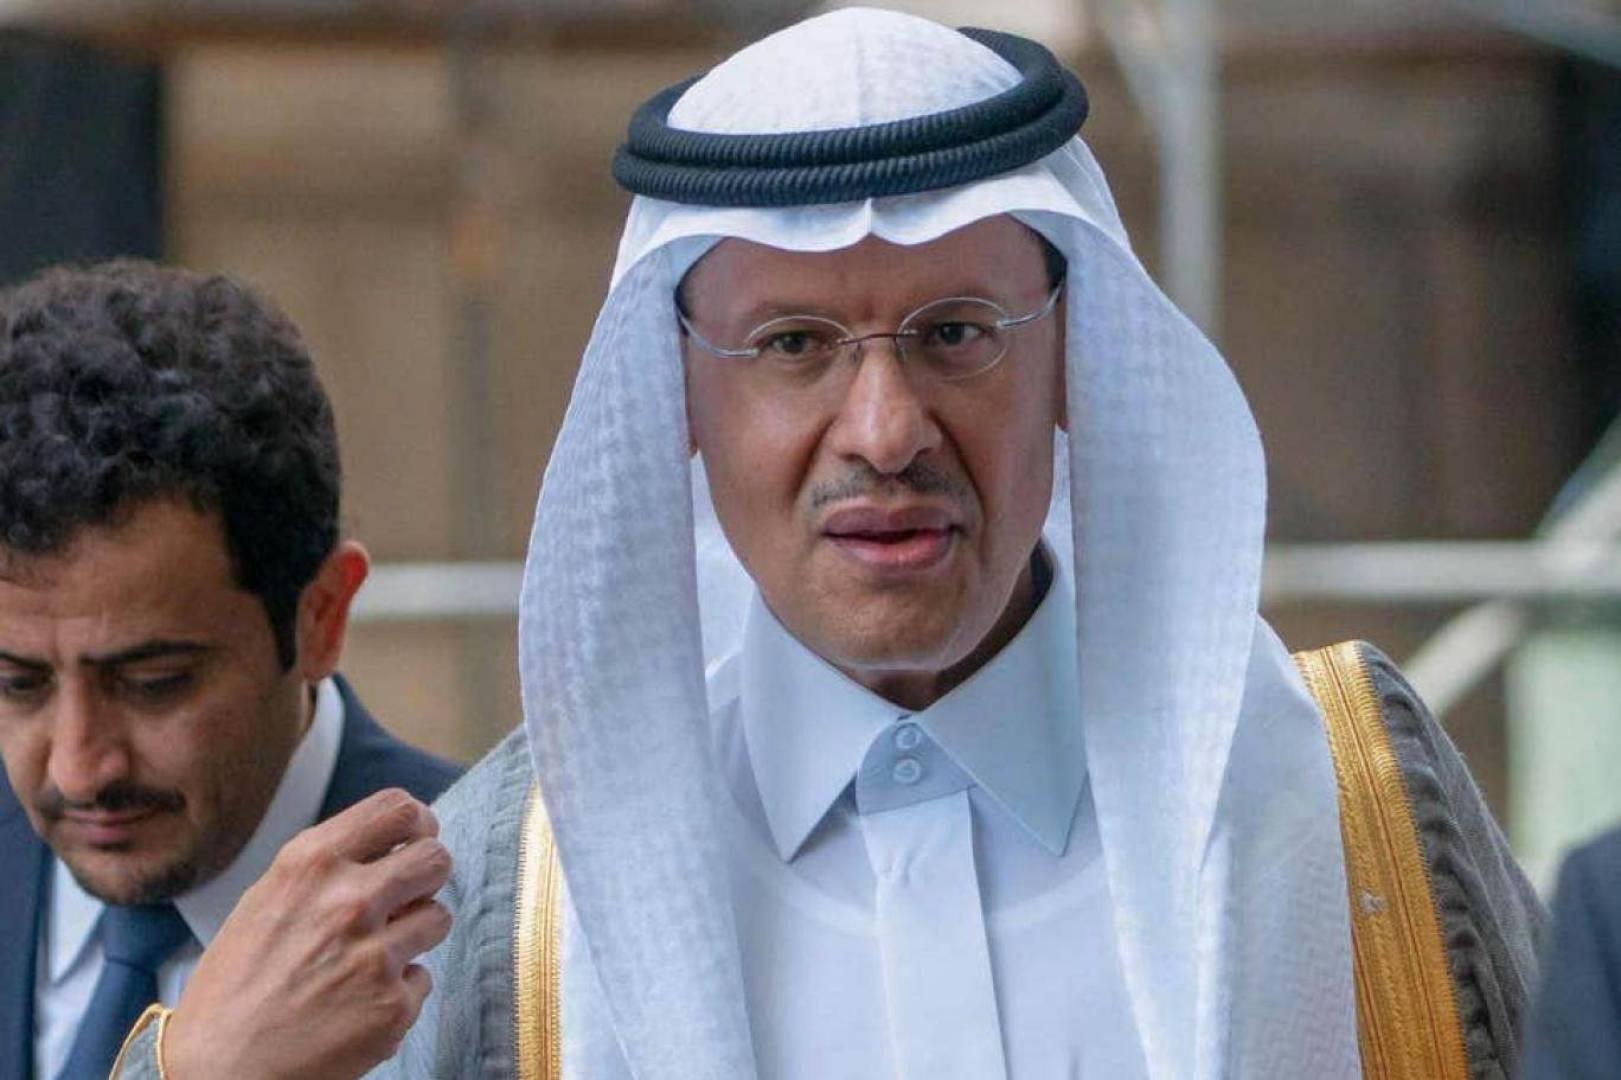 السعودية مصدرة للغاز والبتروكيماويات.. قريباً